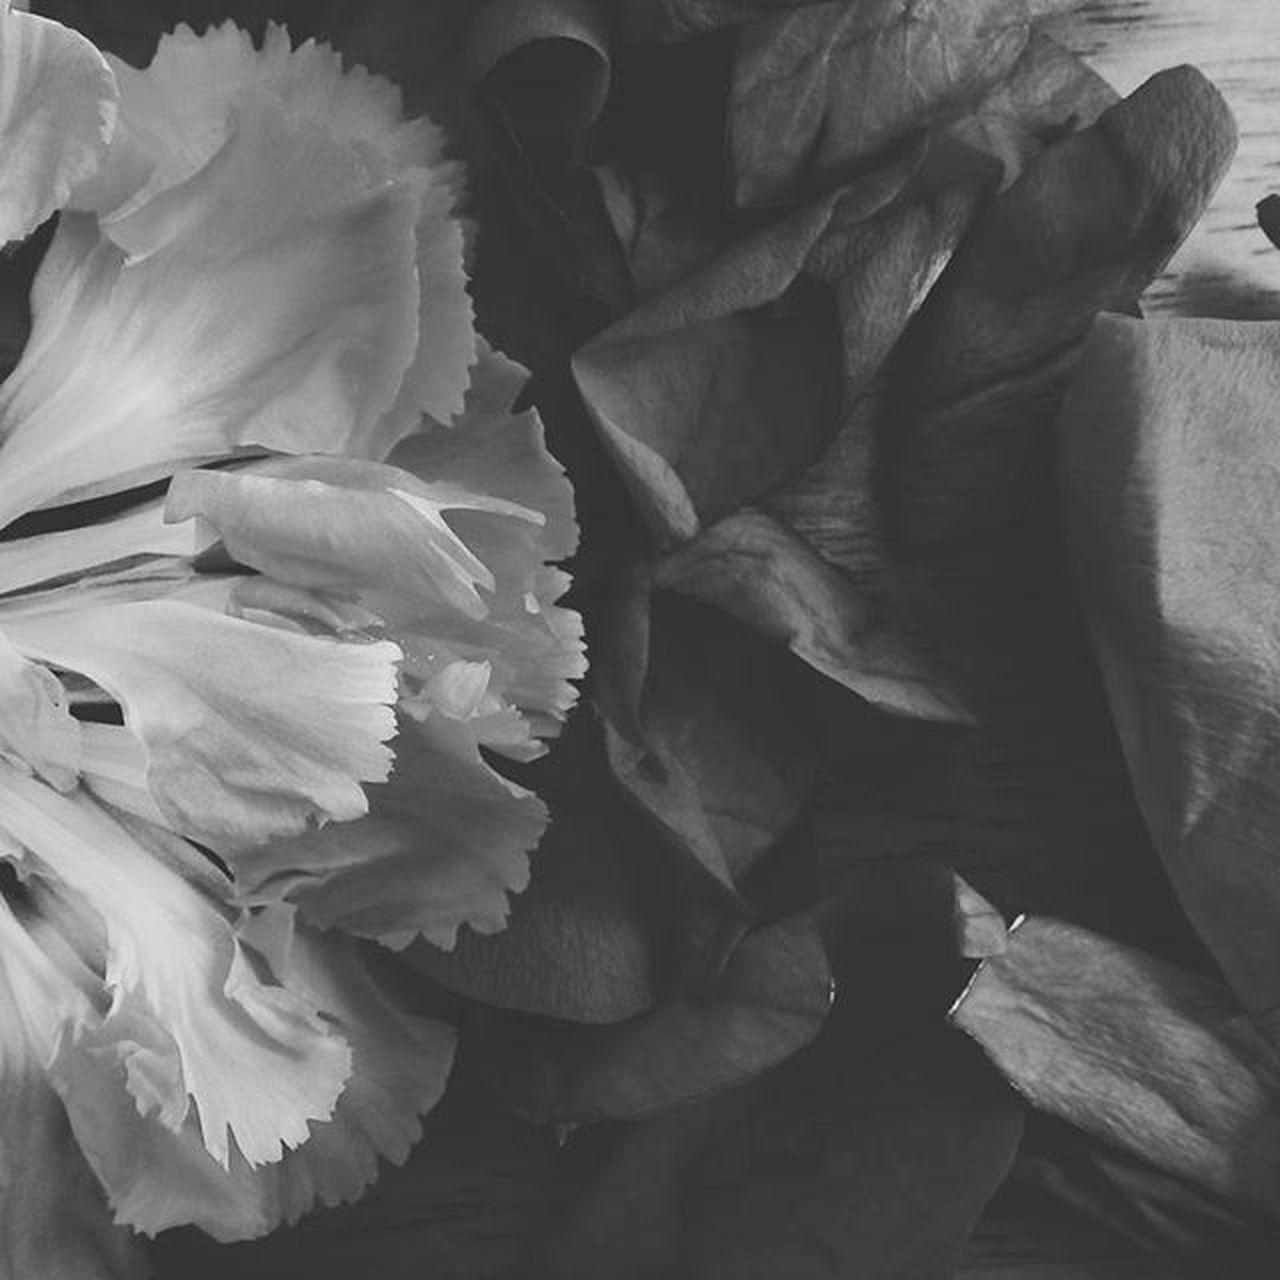 Blackandwhitephotography Art Flowers Rosepeddles Carnation